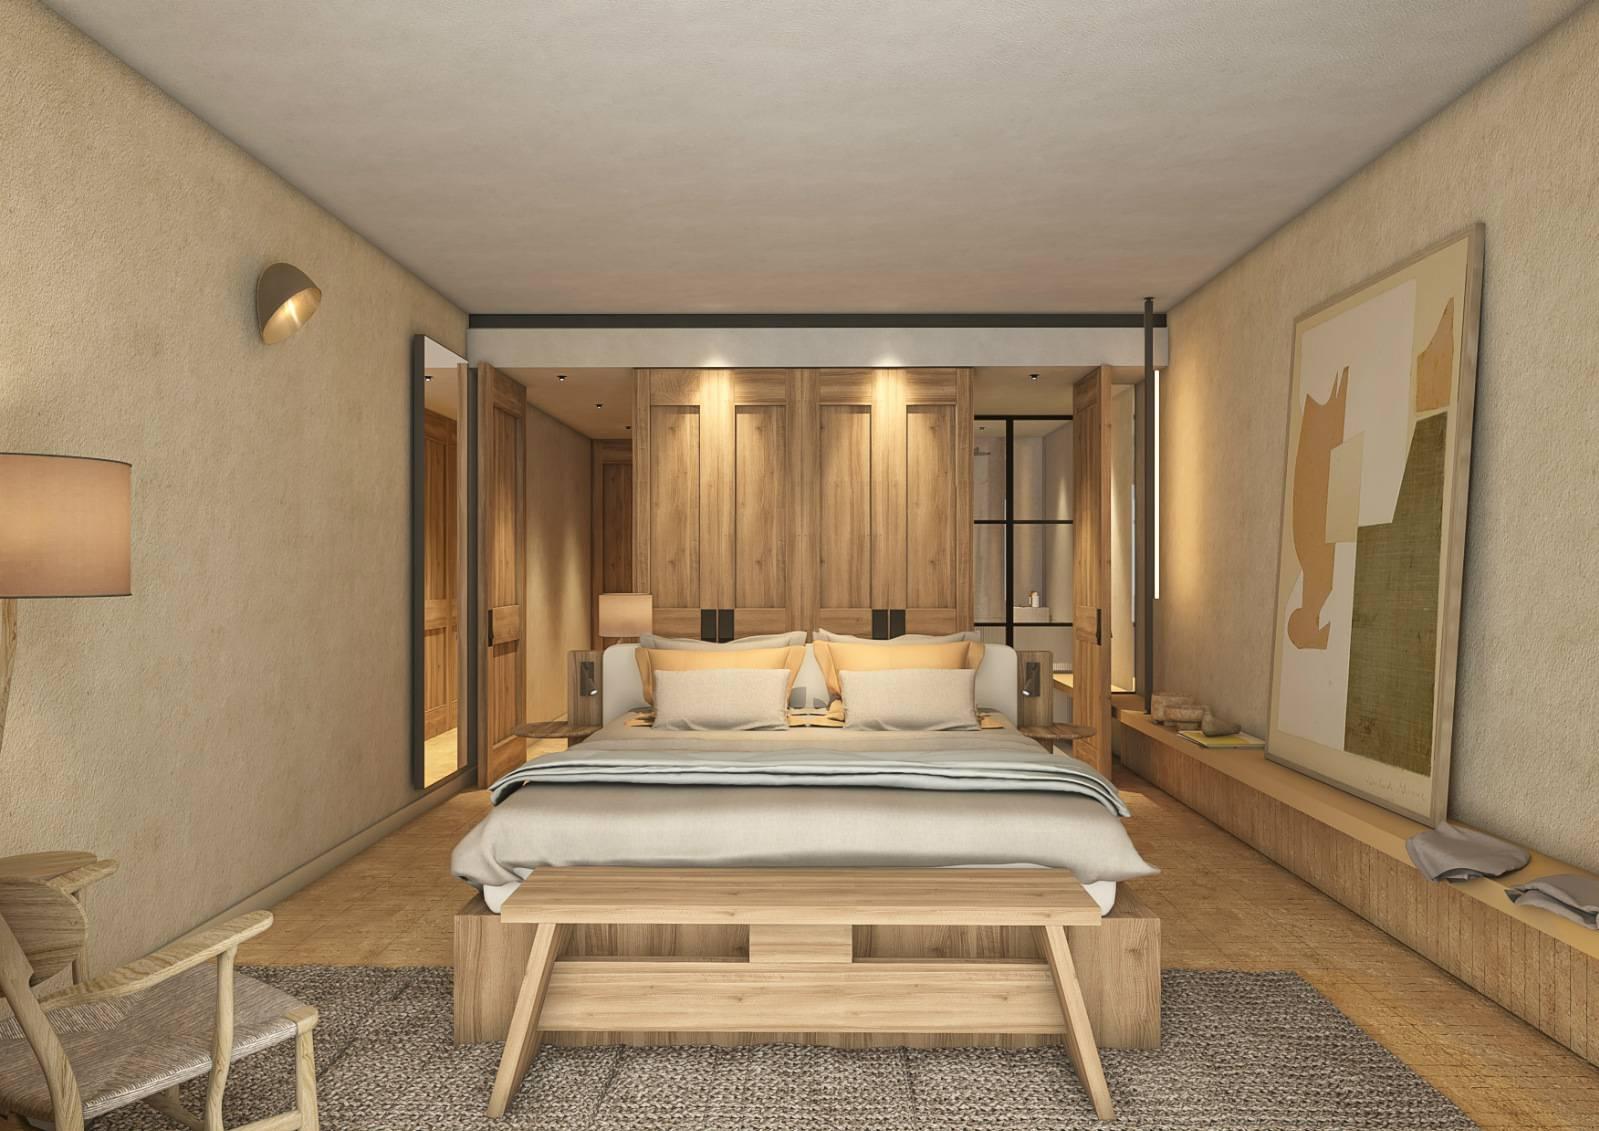 璞富腾酒店及度假村公布15家2021年新开业成员酒店